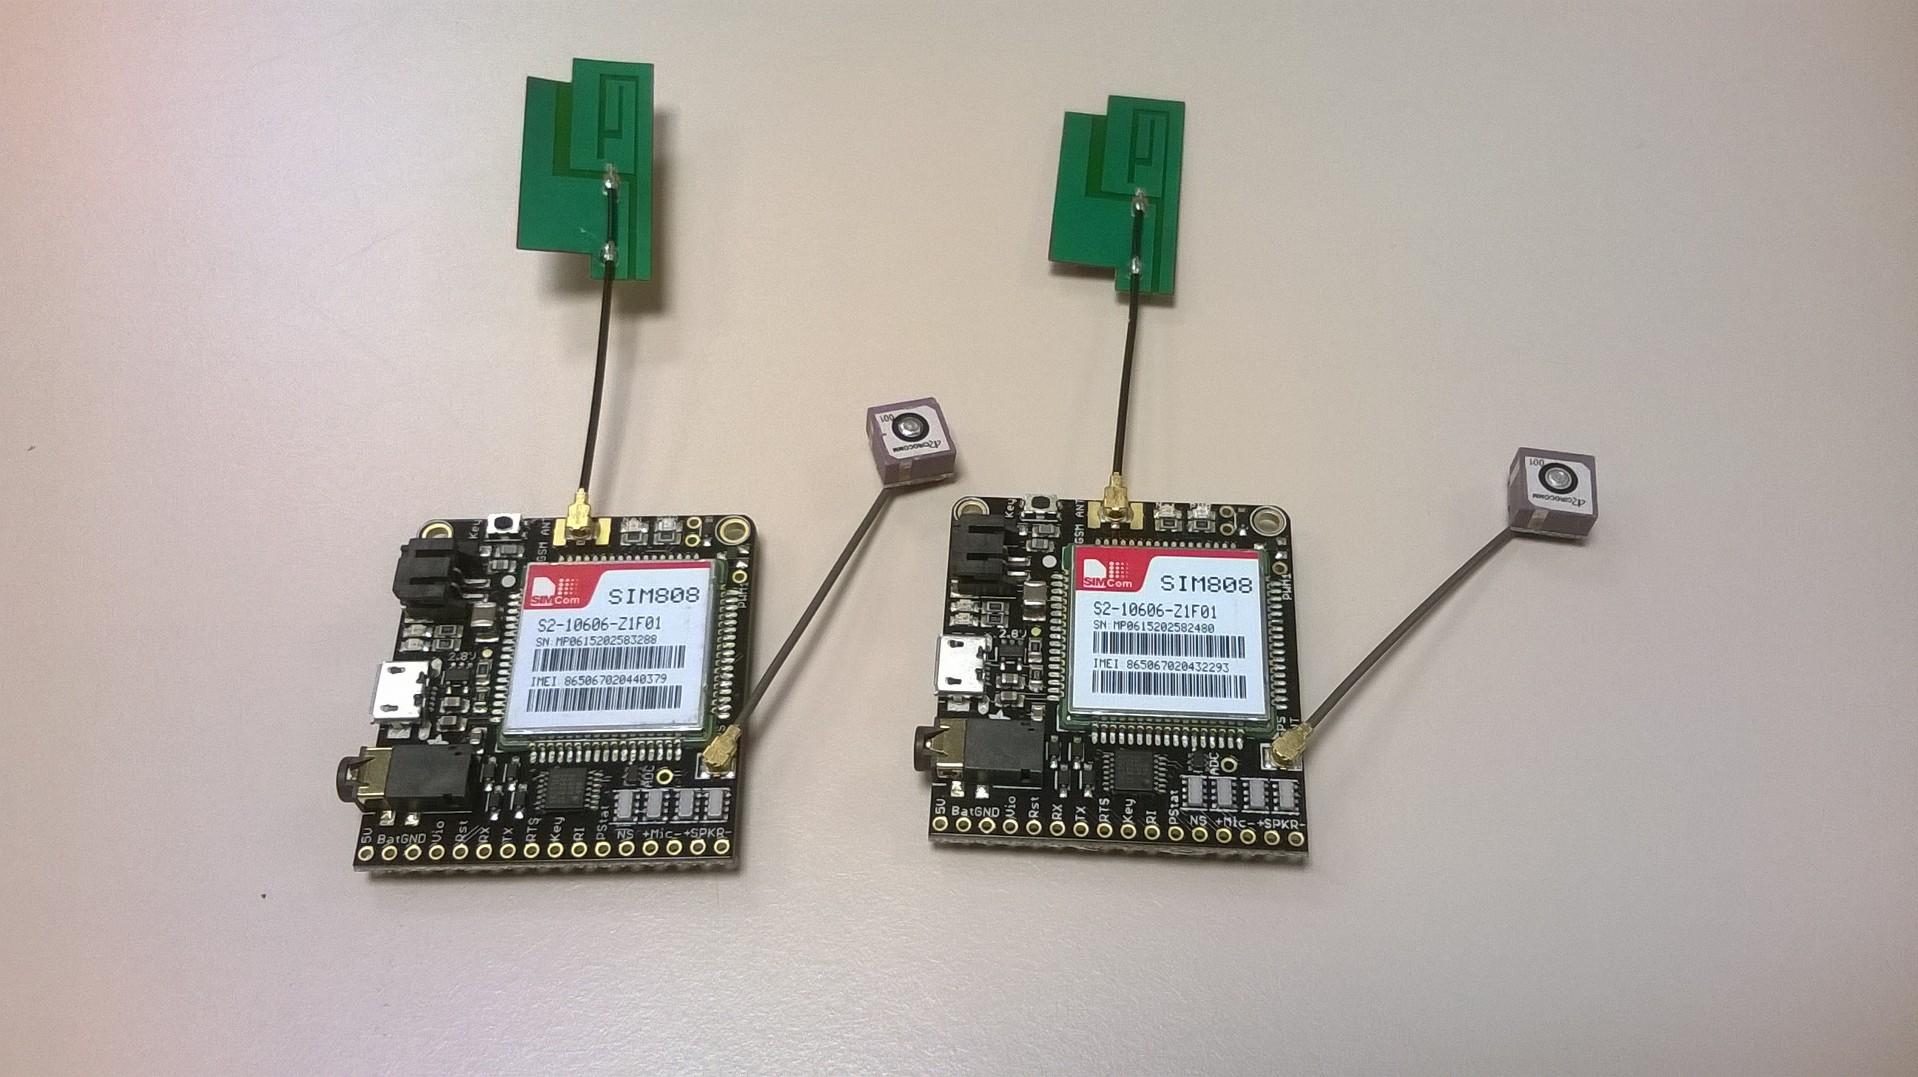 Adafruit FONA 808 modules